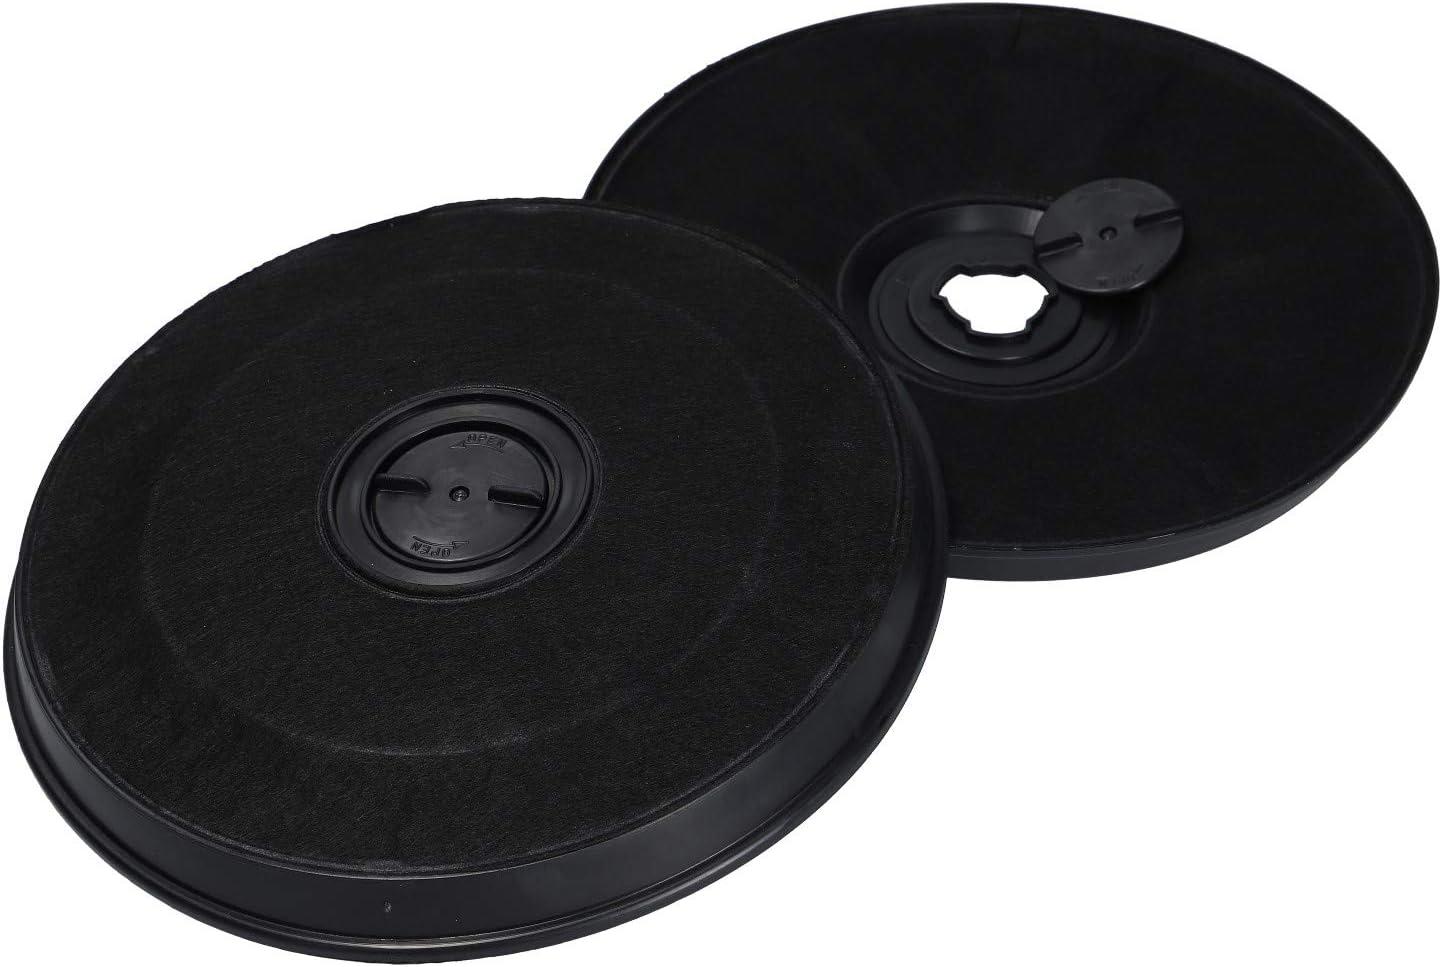 Filtro de carbón activado tipo E233 para Bauknecht 481281718534 AEG 9029793594 Indesit C00383475 para campana extractora: Amazon.es: Grandes electrodomésticos